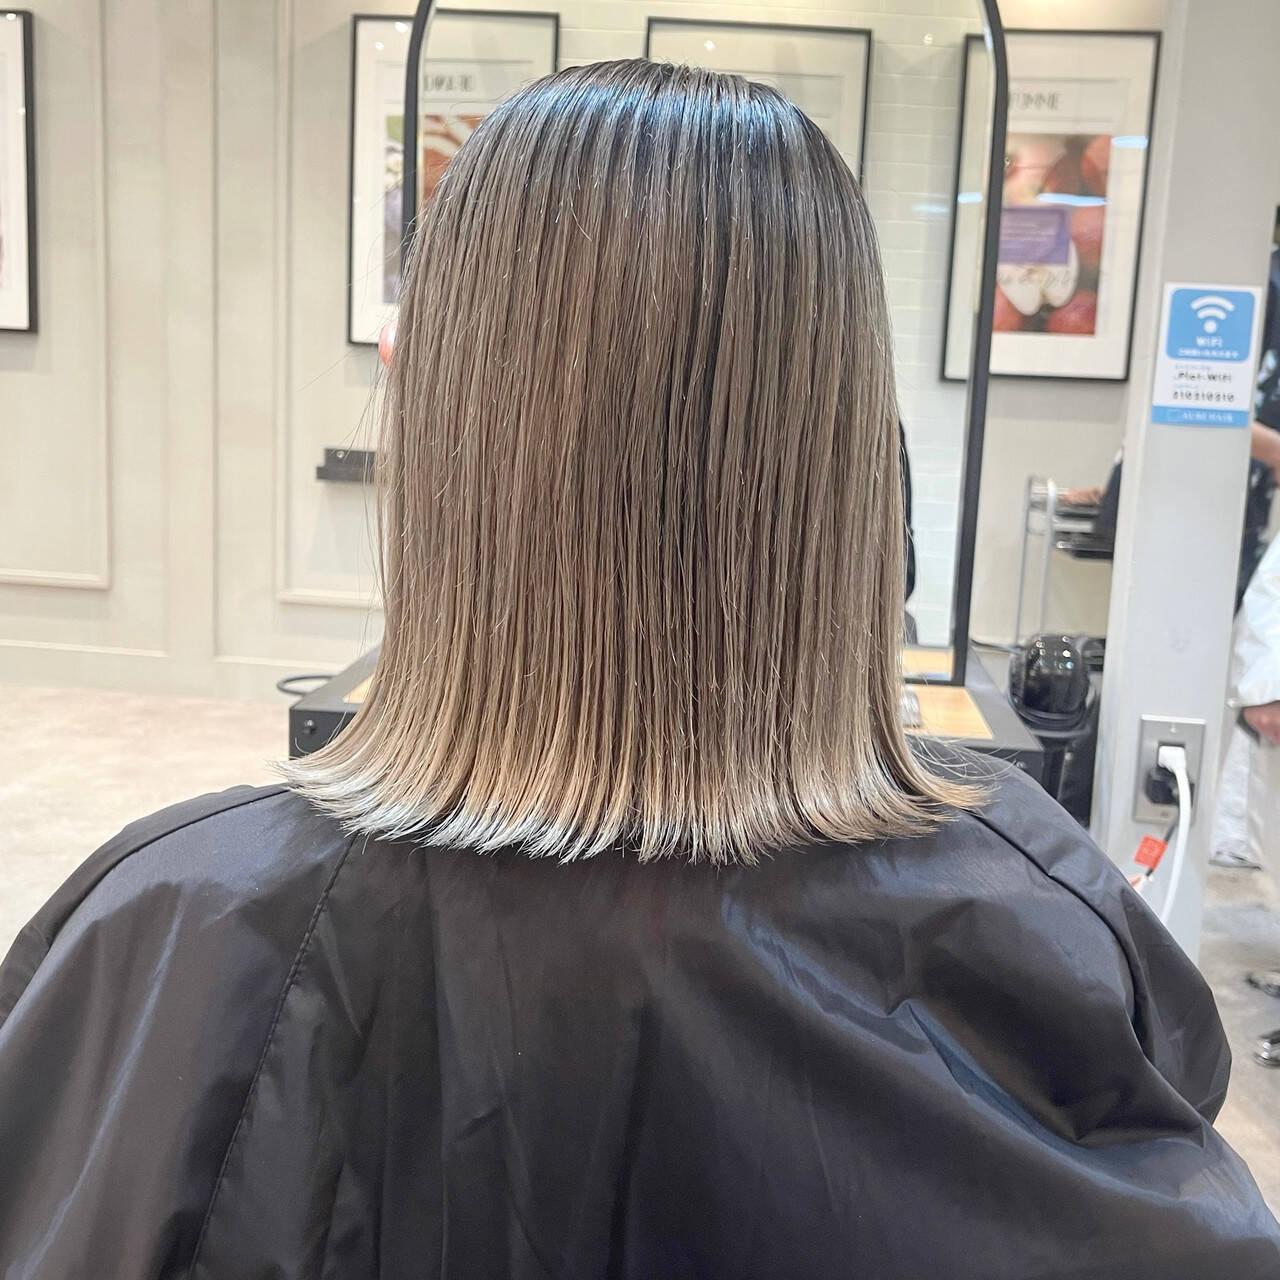 バレイヤージュ グレージュ ミディアム 外ハネヘアスタイルや髪型の写真・画像